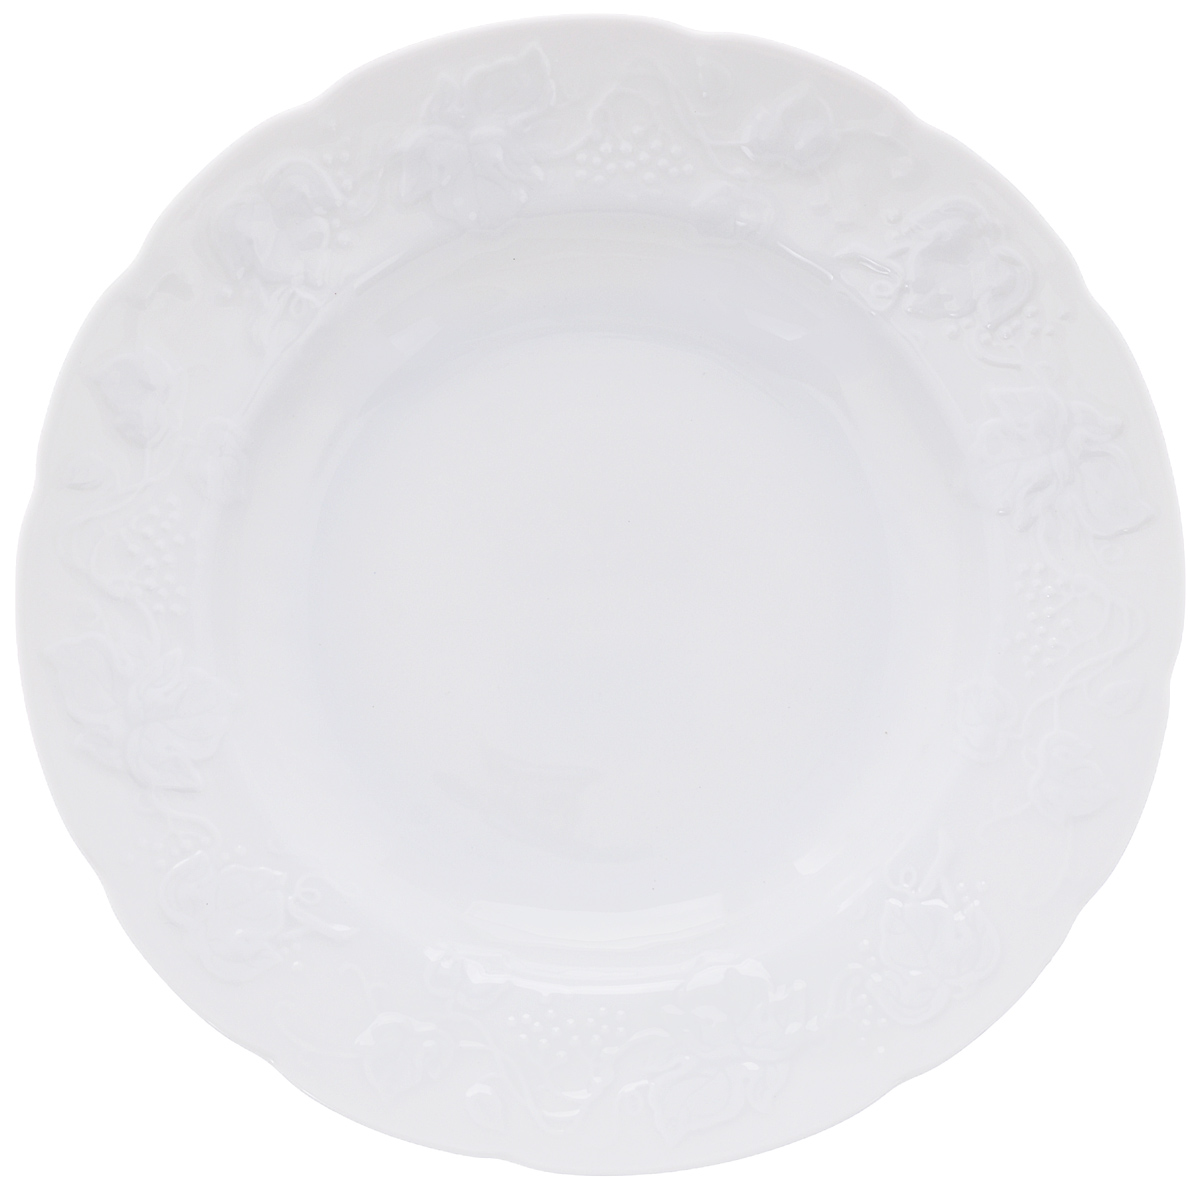 Тарелка десертная Yves De La Rosiere Vendanges, цвет: белый, диаметр 21 см690121Тарелка Yves De La Rosiere Vendanges, выполненная из высококачественного фарфора, декорирована рельефным изображением цветов. Изящный дизайн придется по вкусу и ценителям классики, и тем, кто предпочитает утонченность. Тарелка Yves De La Rosiere Vendanges идеально подойдет для сервировки стола и станет отличным подарком к любому празднику.Диаметр тарелки (по верхнему краю): 21 см.